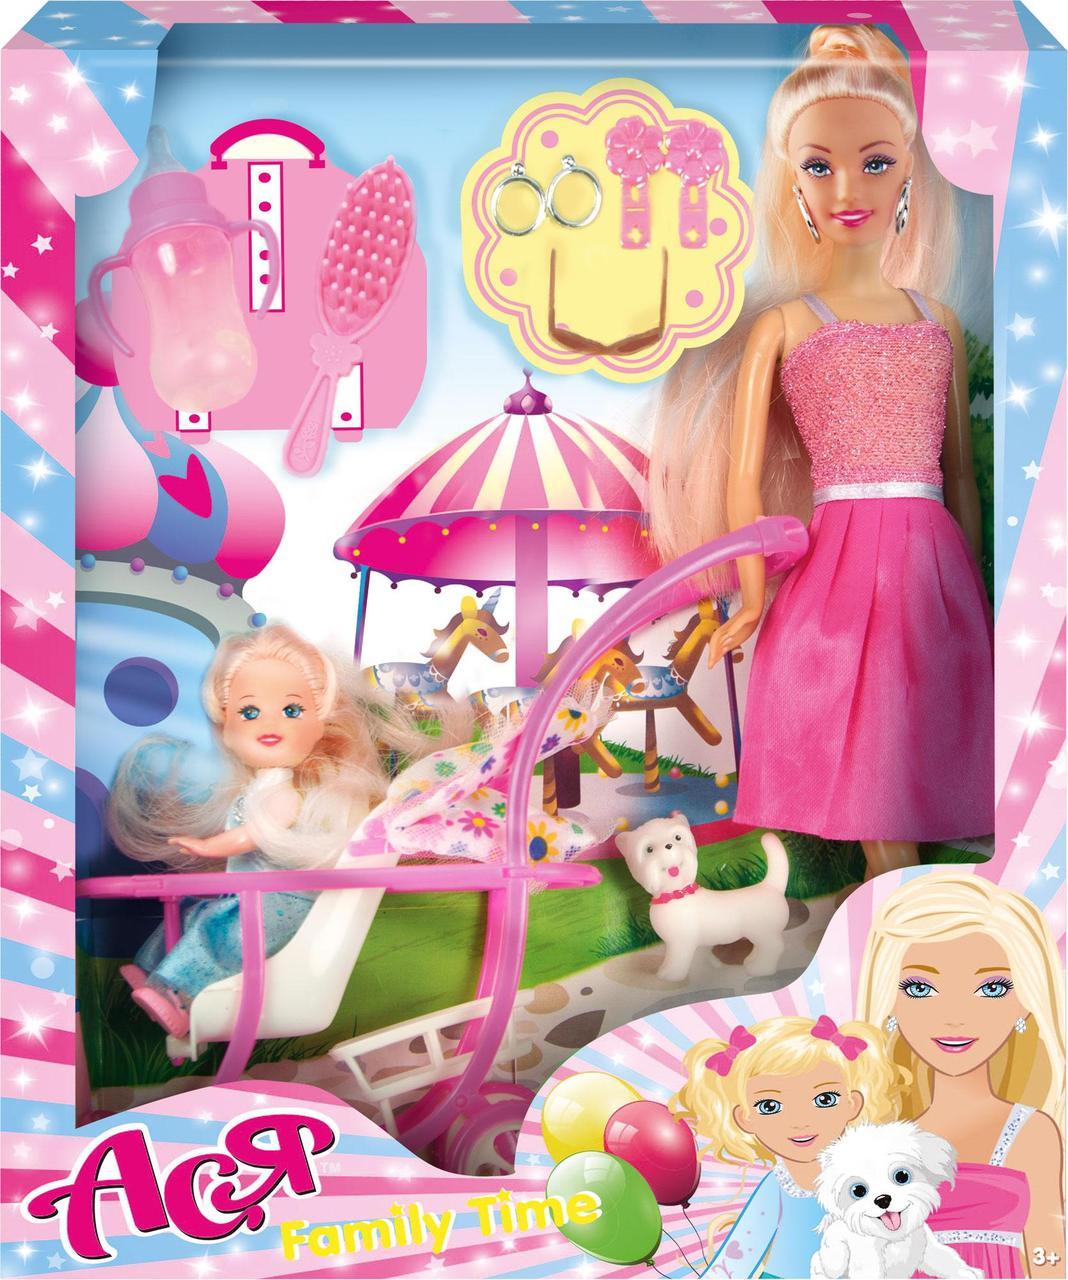 Набор с куклой Асей  'Семейный досуг'; 28 см; блондинка; и маленькой куклой 11 см в коляске